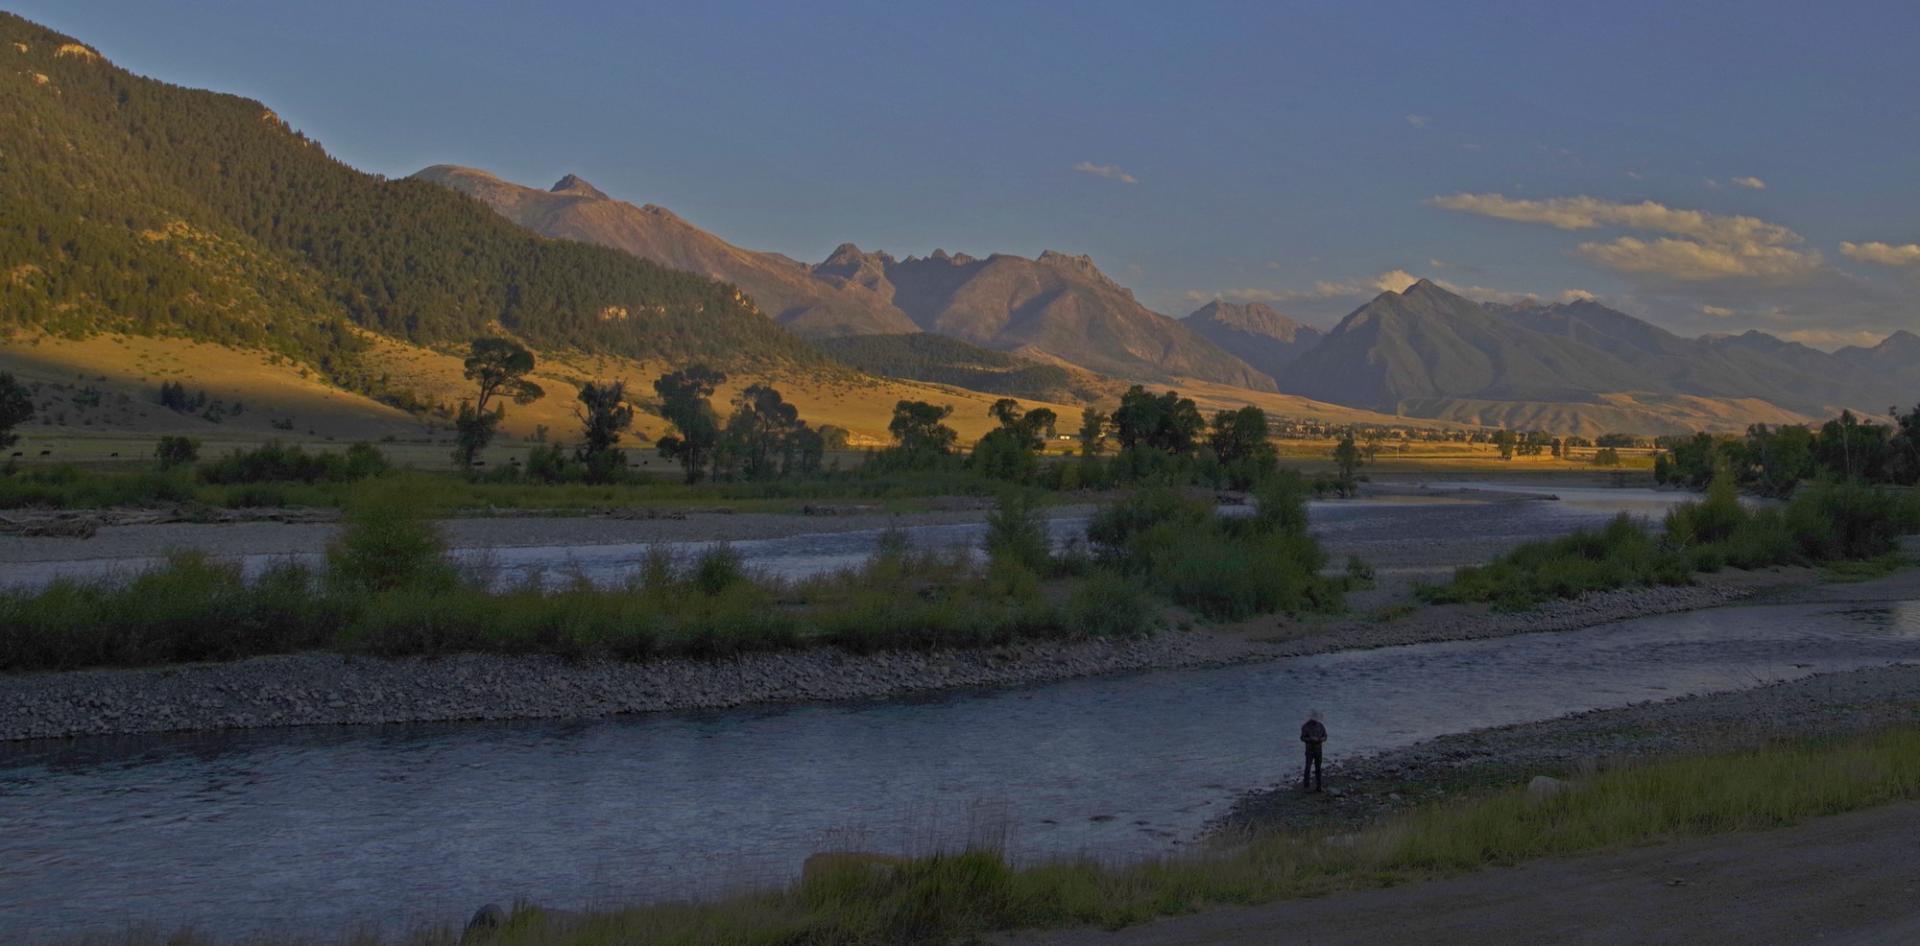 Pecheur riviere yellowstone